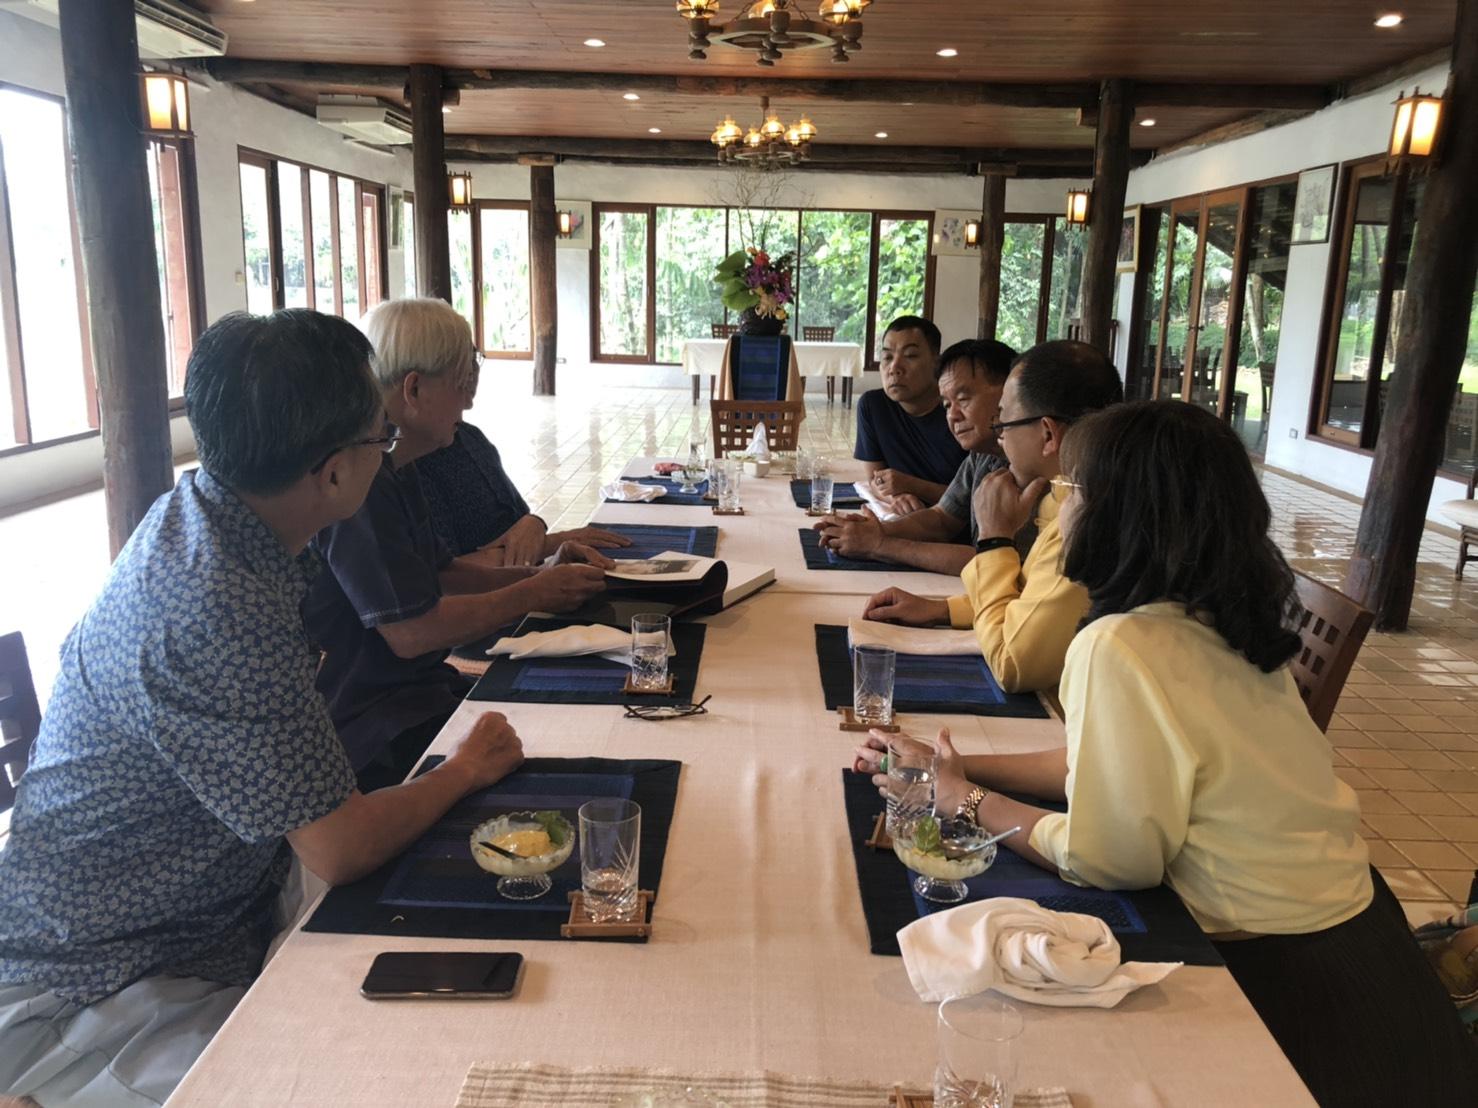 การประชุมคณะกรรมการอำนวยการประจำสำนักส่งเสริมศิลปวัฒนธรรม ครั้งที่ 3/2562